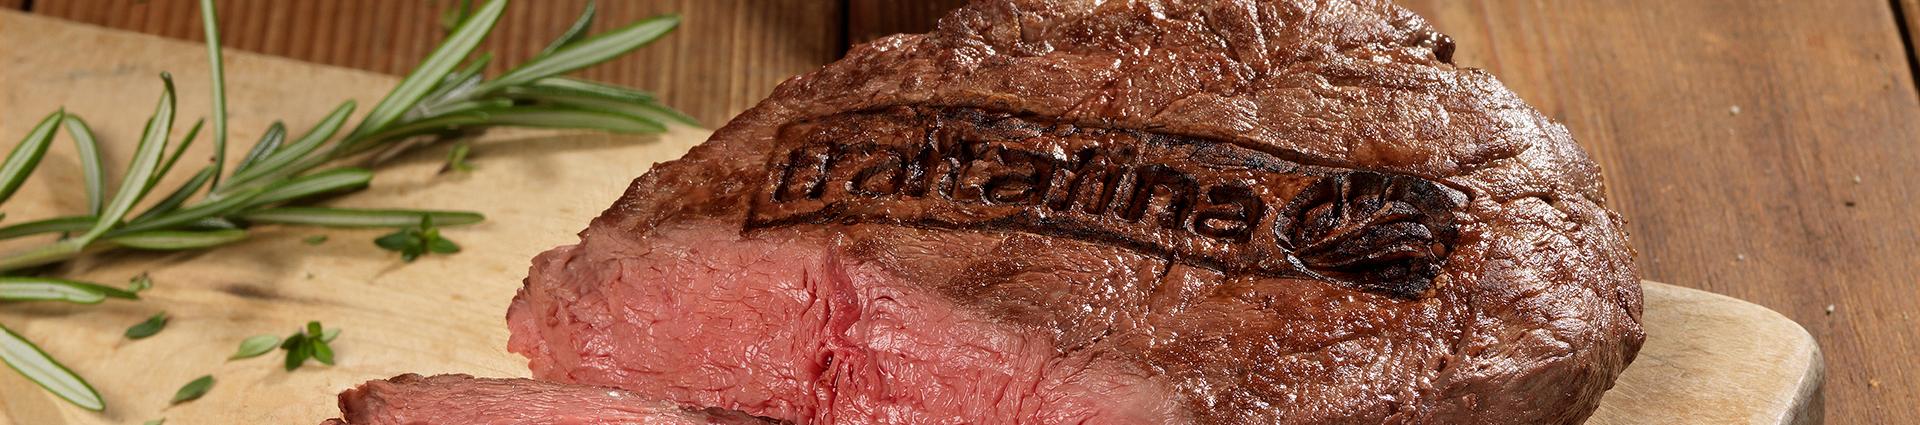 Flat-Iron-Steak-Slider01_FS